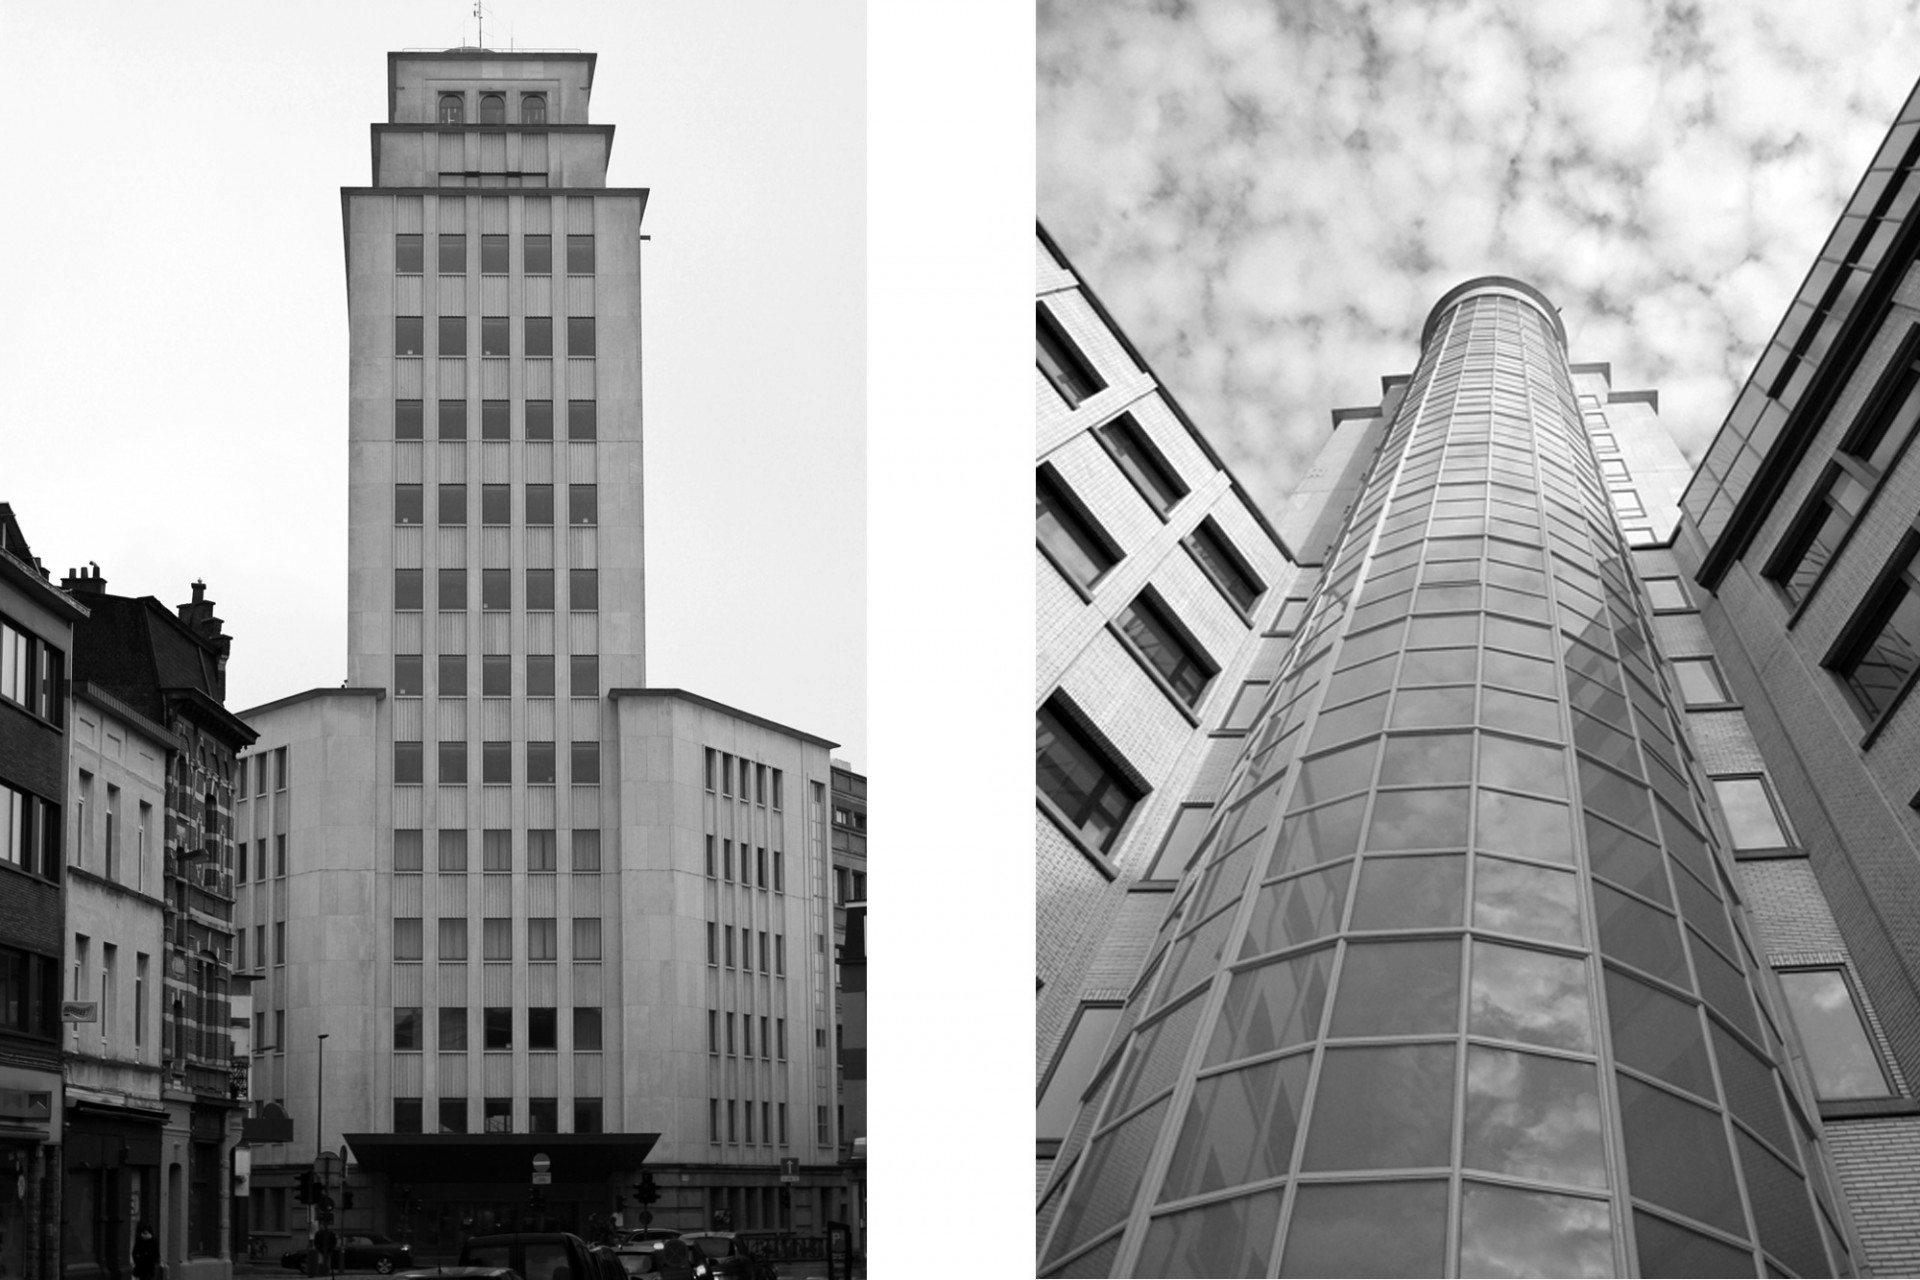 Funktional. Der geschätzte belgische Funktionalist Hugo Van Kuyck errichtete den Bell Tower in den 1960er-Jahren. Das Gebäude wurde ursprünglich für die Telefongesellschaft Alcatel errichtet. Seit 2009 befinden sich in der renovierten Gebäudegruppe Verwaltungseinrichtungen der Stadt.